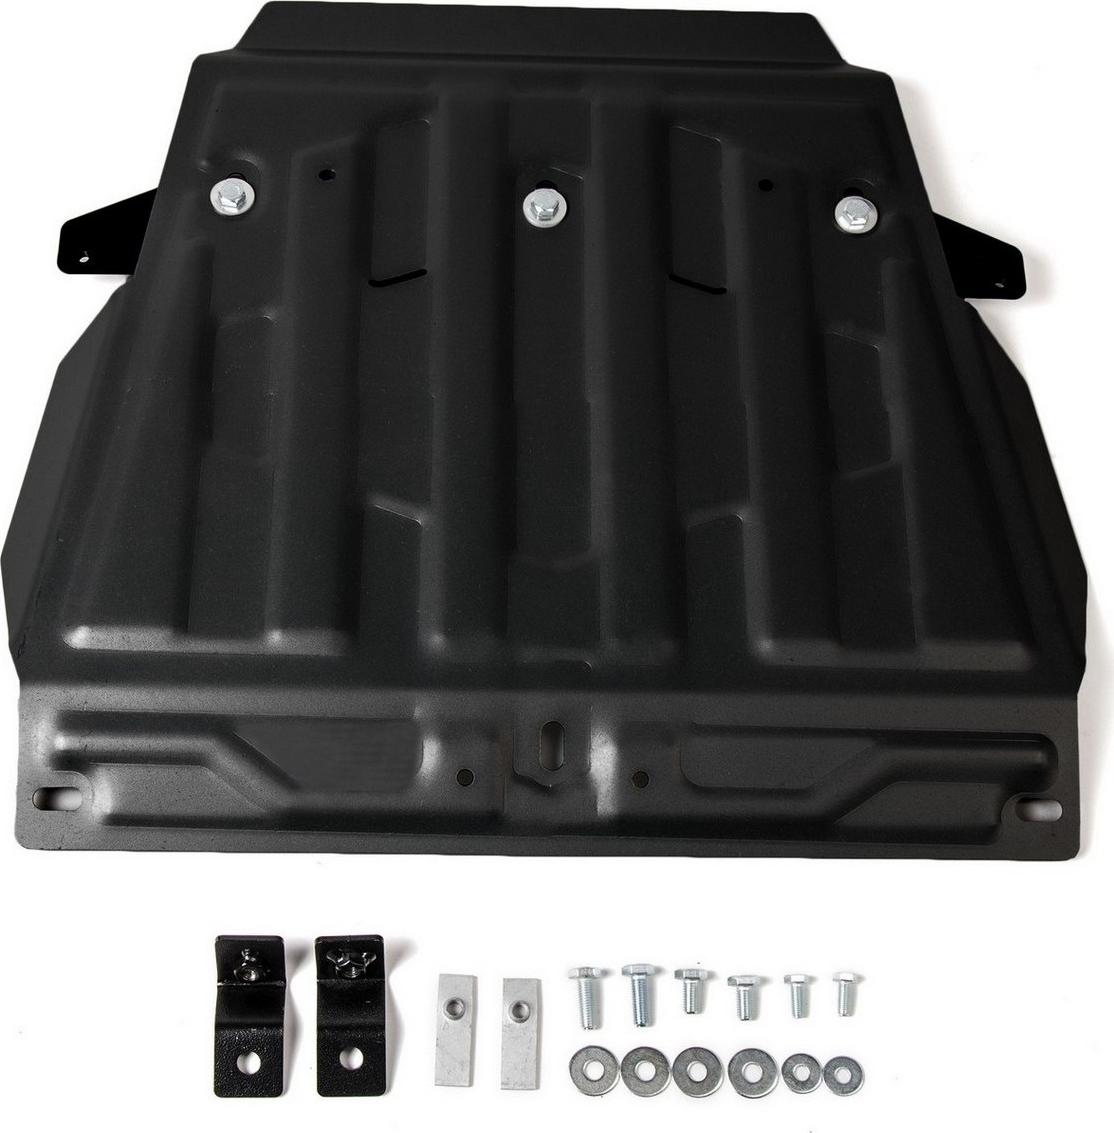 Защита картера Автоброня (часть 1) для Lexus LX 2008-2015 2015-н.в./Toyota Land Cruiser 200 2007-2015 2015-н.в., сталь 2 мм, с крепежом. 111.05713.3